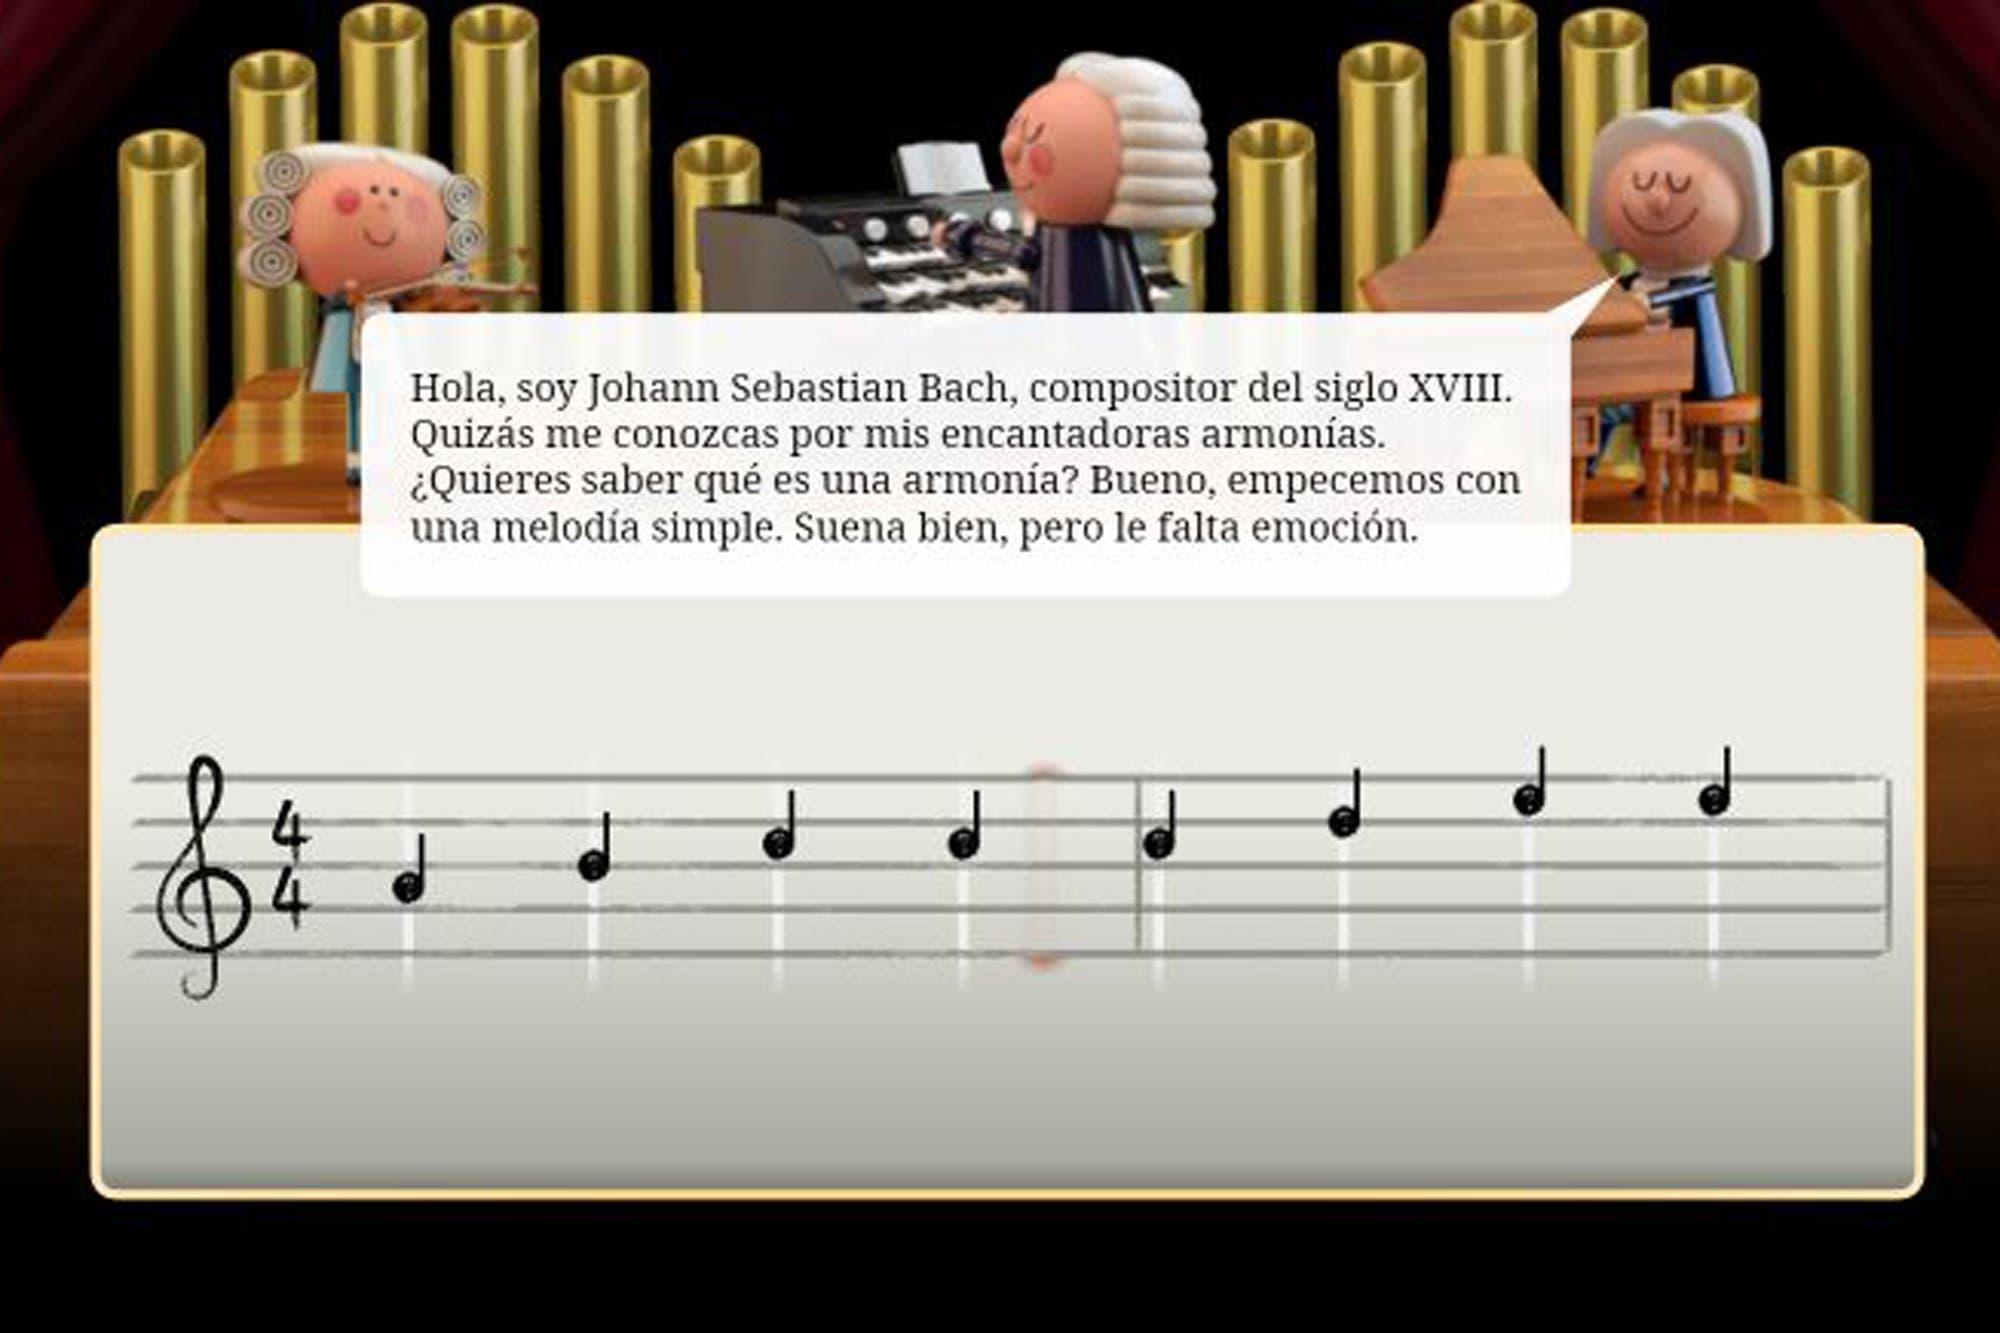 Johann Sebastian Bach: su estilo logró ser imitado a través de inteligencia artificial